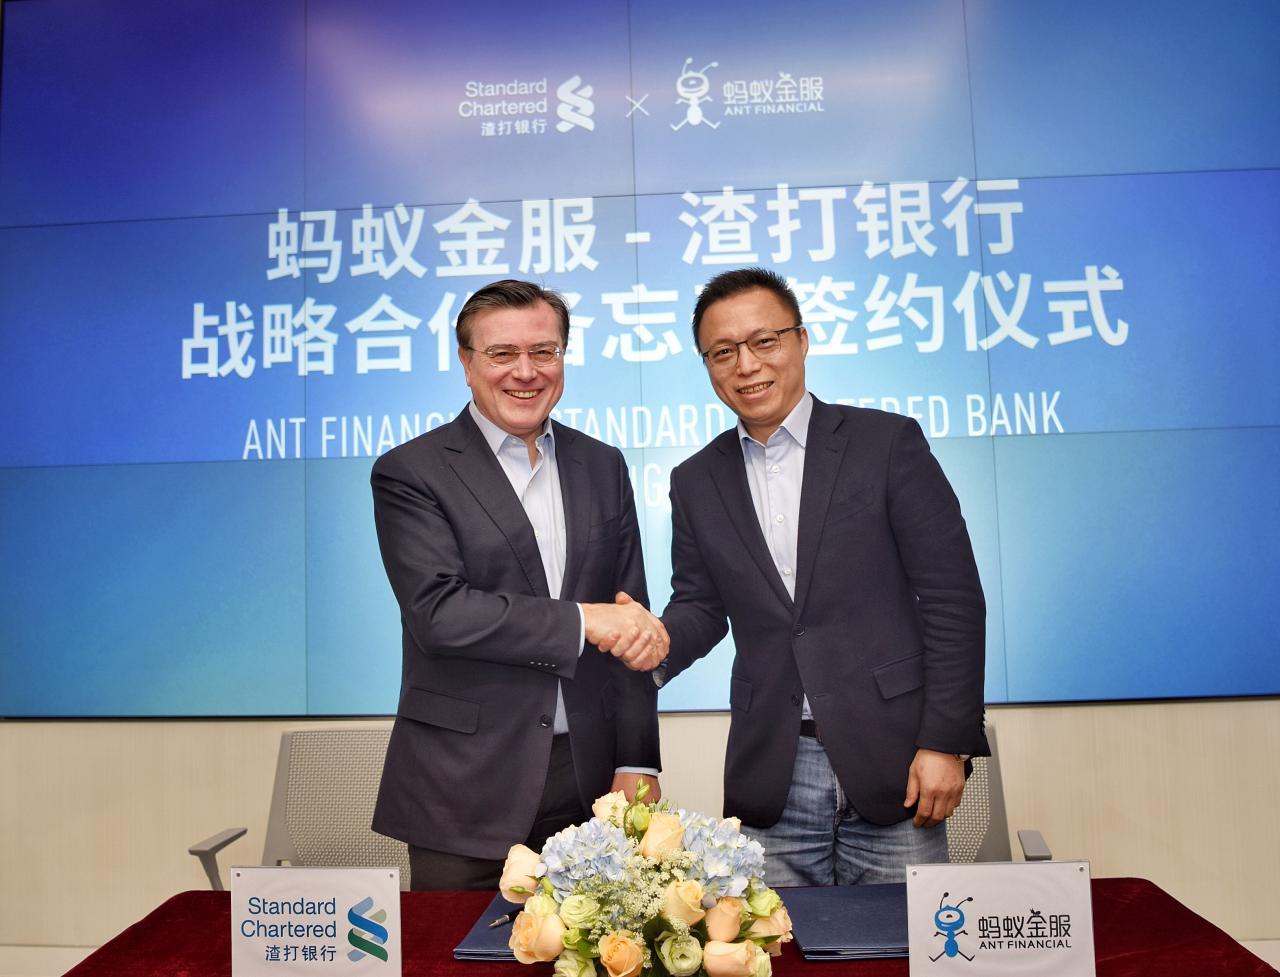 (左)渣打集團董事會主席韋浩思和(右)螞蟻金服首席執行官井賢棟